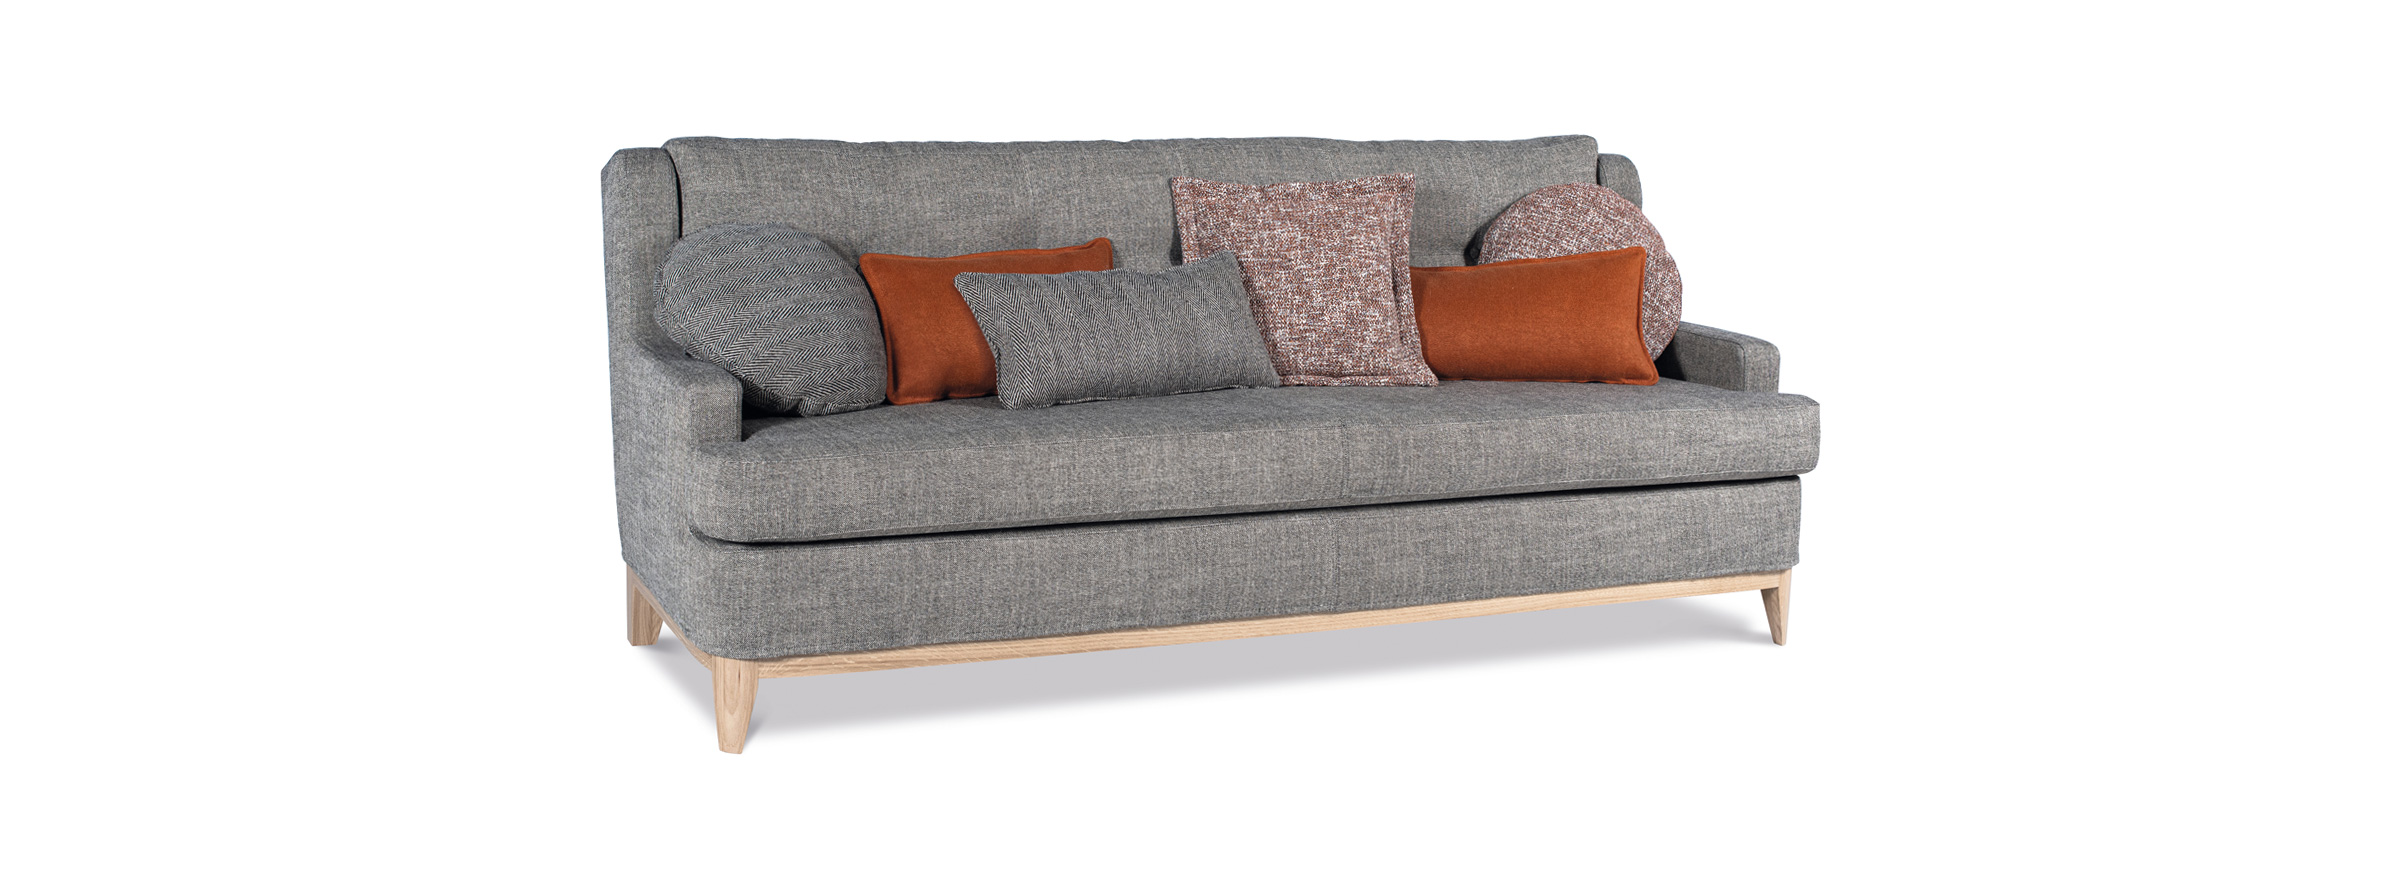 Désio-DOREILLE-fauteuil-tissu-made-in-france-artisanal-haut-de-gamme-sur-mesure